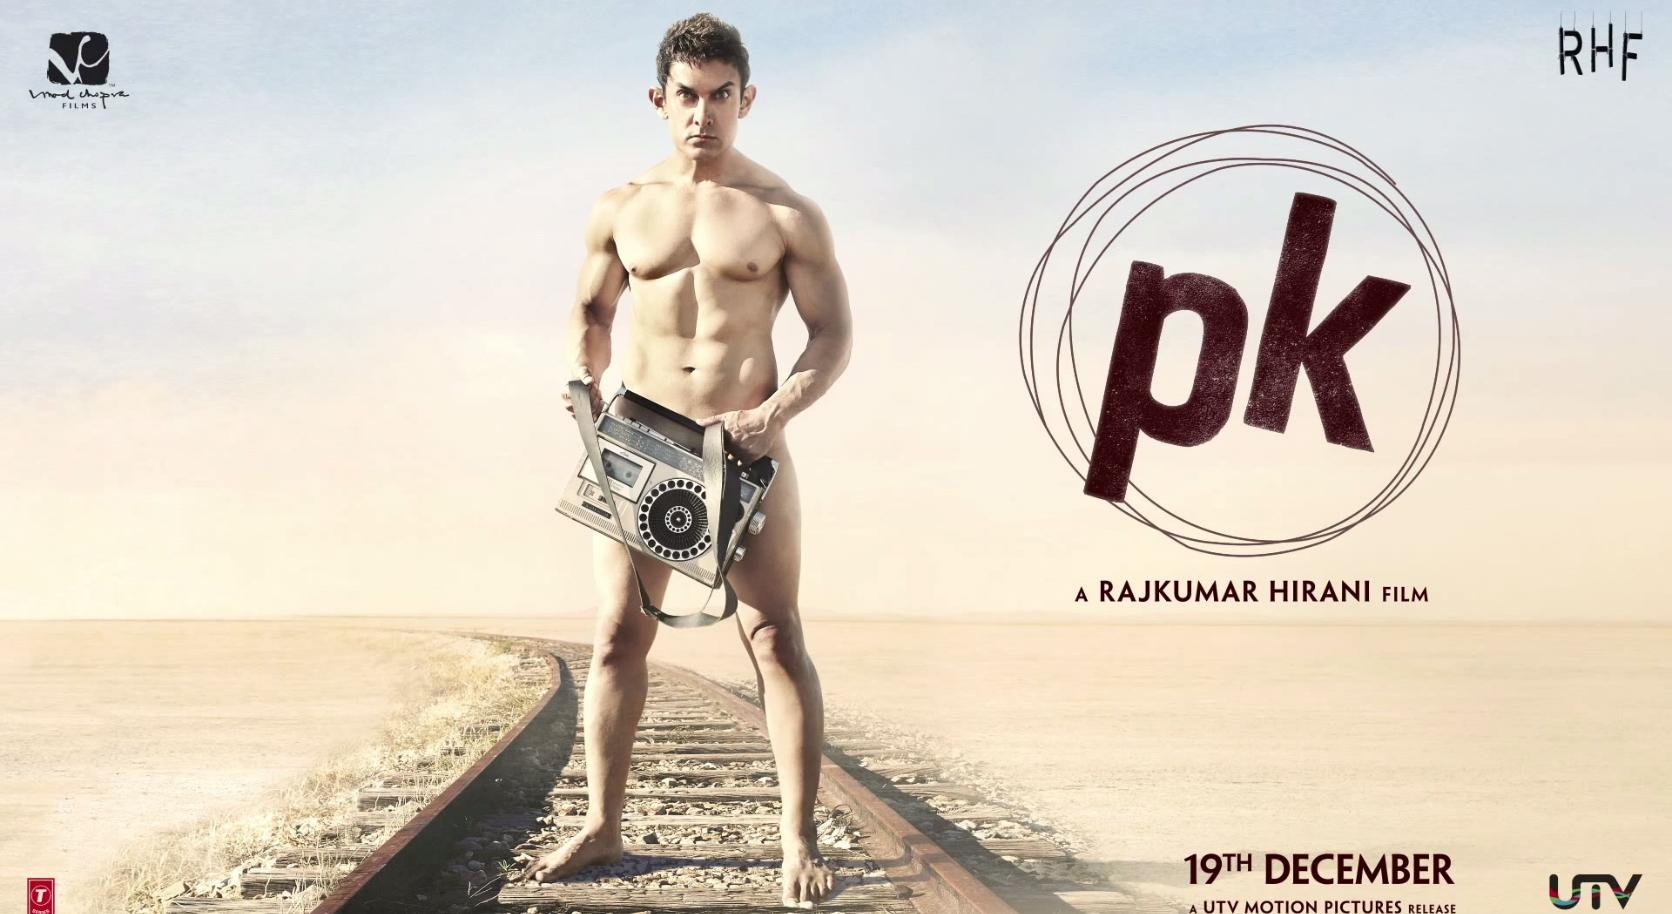 ПиКей (PK) - отличная индийская комедия - Дмитрий Науменко